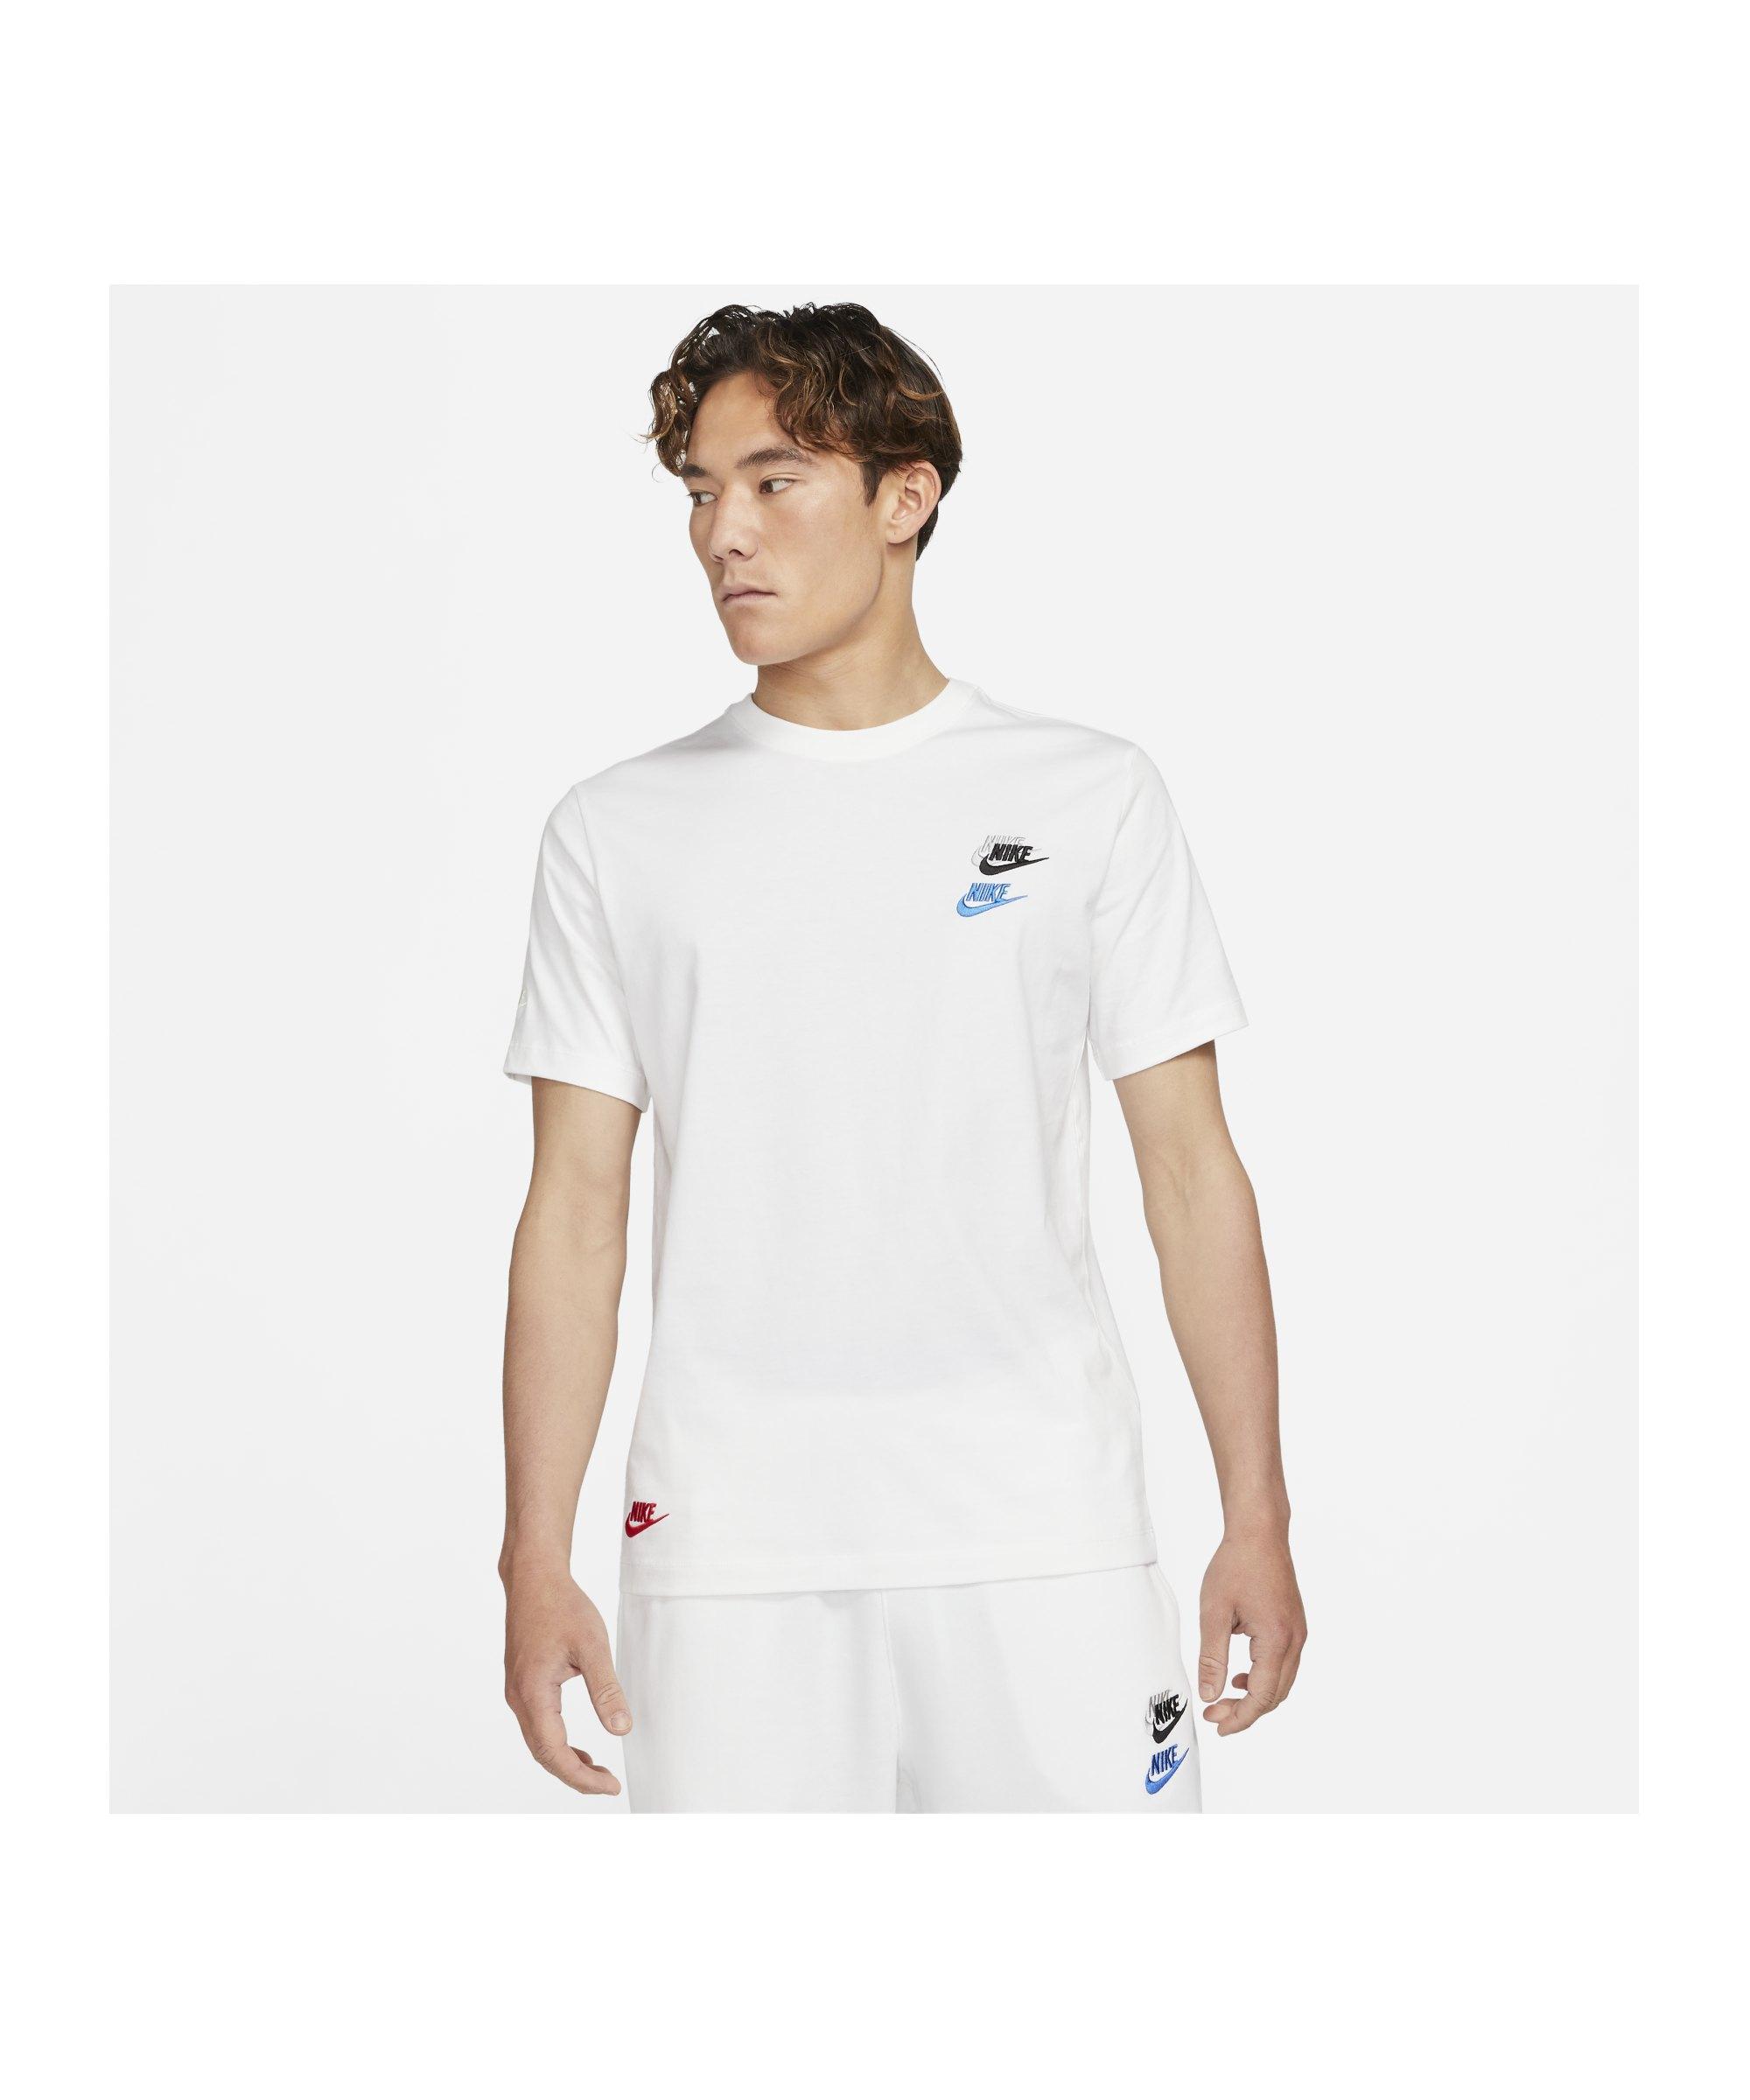 Nike Sportswear T-Shirt Weiss F100 - weiss